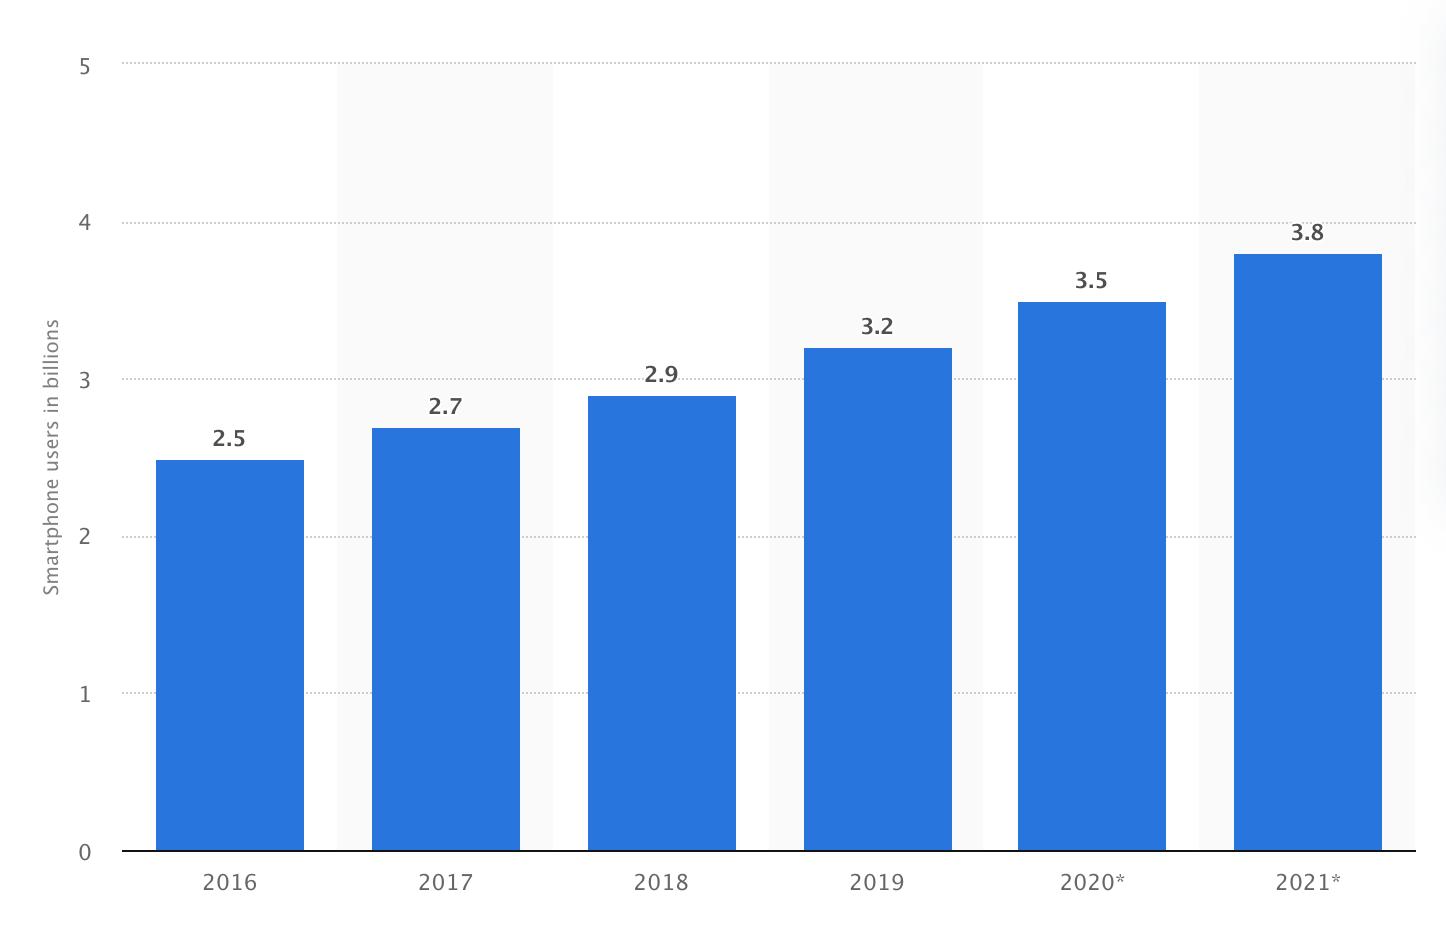 Estadísticas del número de usuarios de dispositivos móviles inteligentes (smartphones) en el periodo 2016-2020.